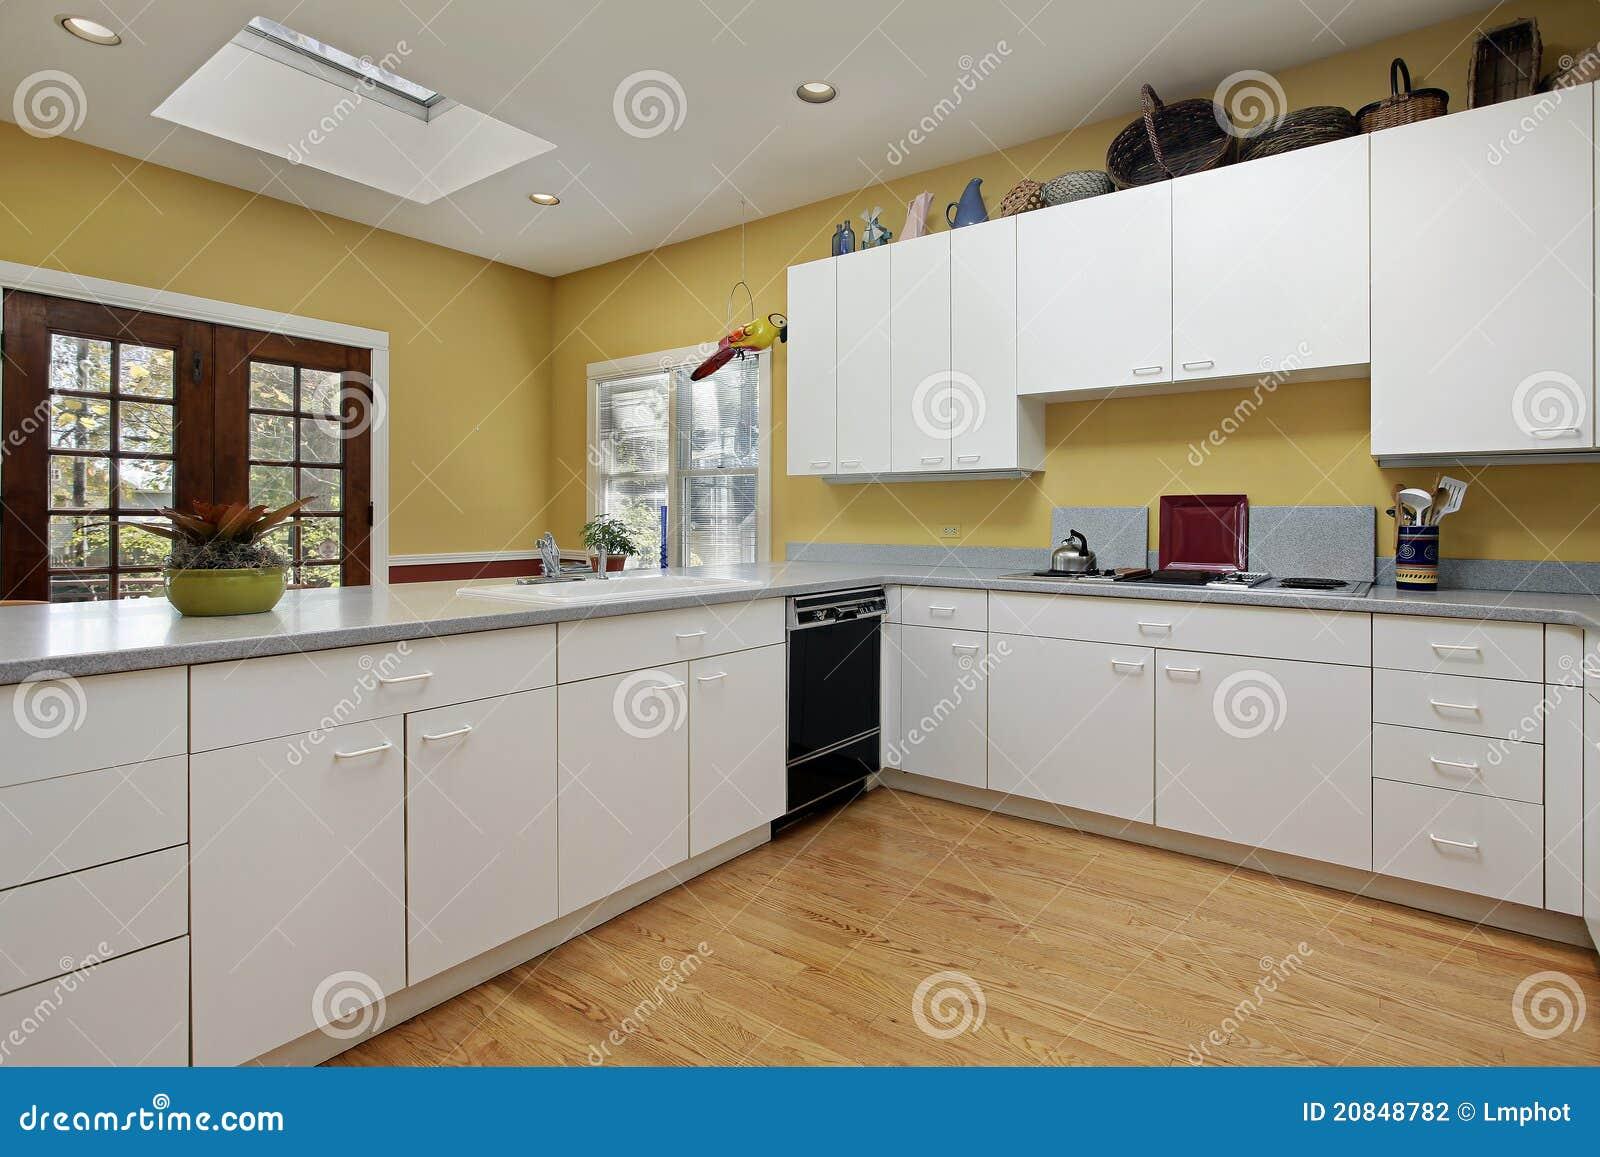 Keuken met dakraam stock foto afbeelding bestaande uit teller 20848782 - Keuken met teller ...